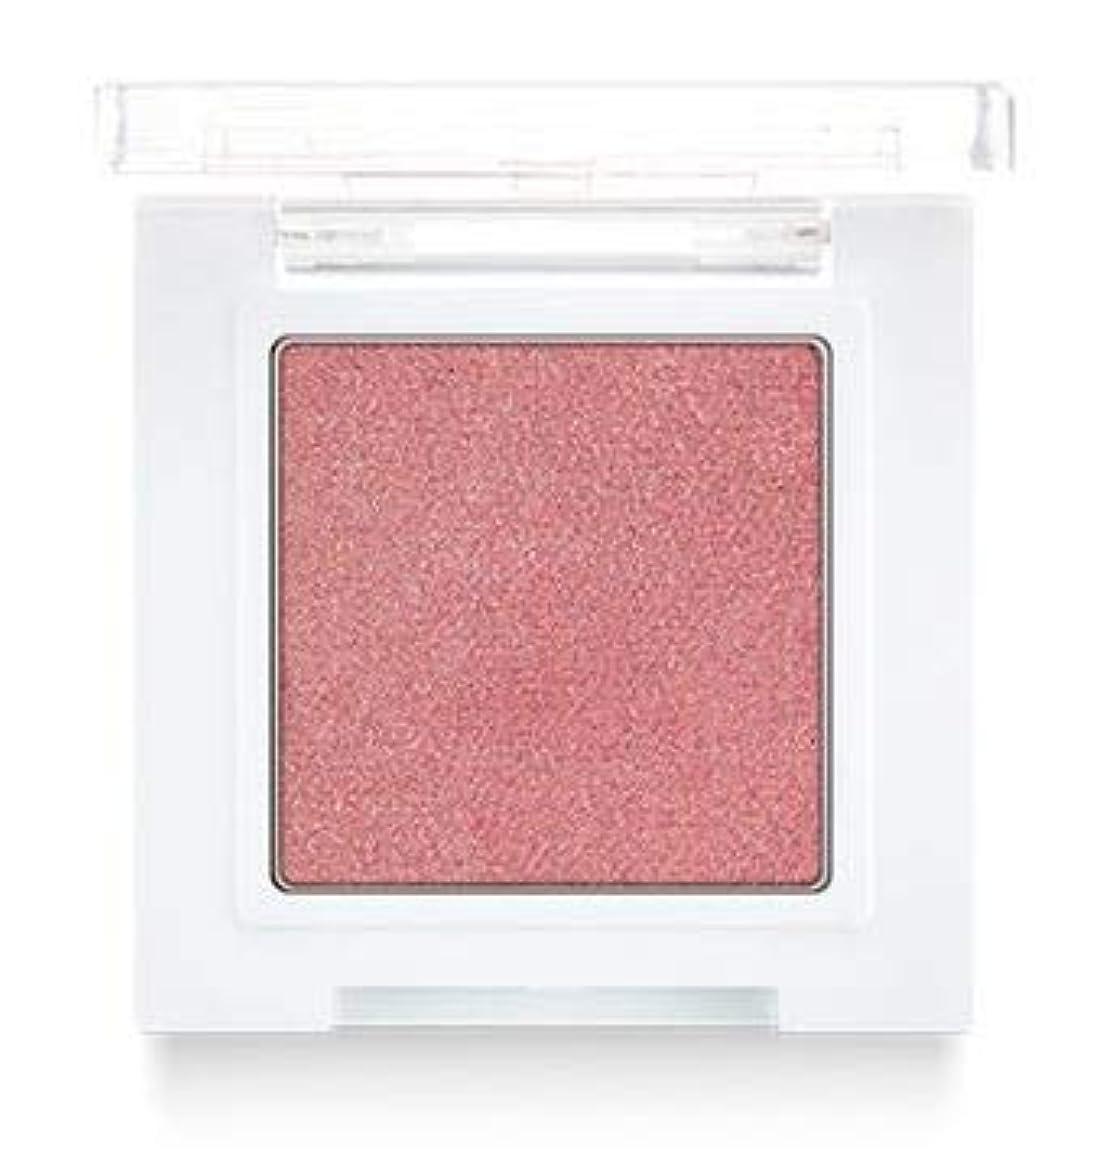 ヒステリッククライアントミサイル[BANILA CO] Eyecrush Shimmer Shadow 2.2g #SPK03 Marshmallow Pink / [バニラコ] アイクラッシュシマーシャドウ 2.2g #SPK03 マシュメロピンク...